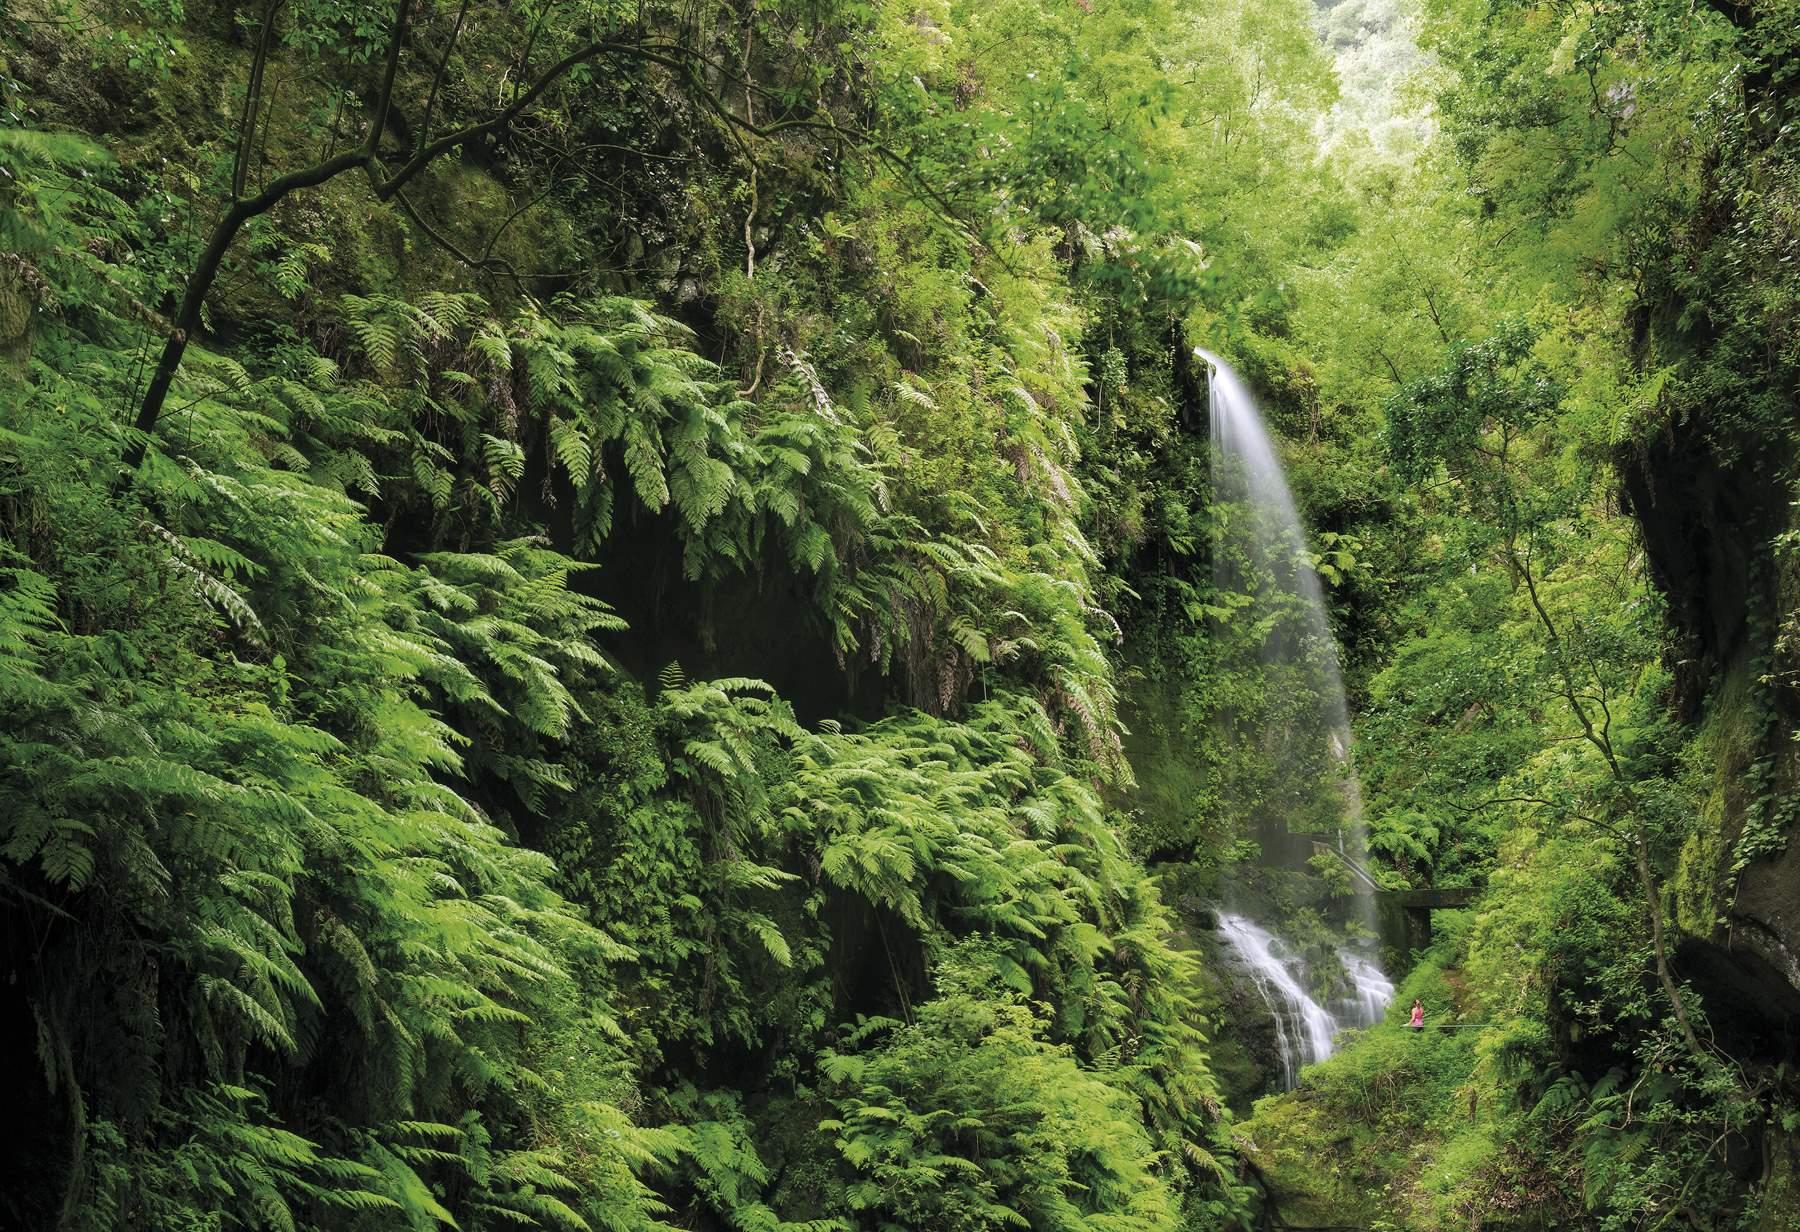 SSD0179. Laurisilva y cascadas